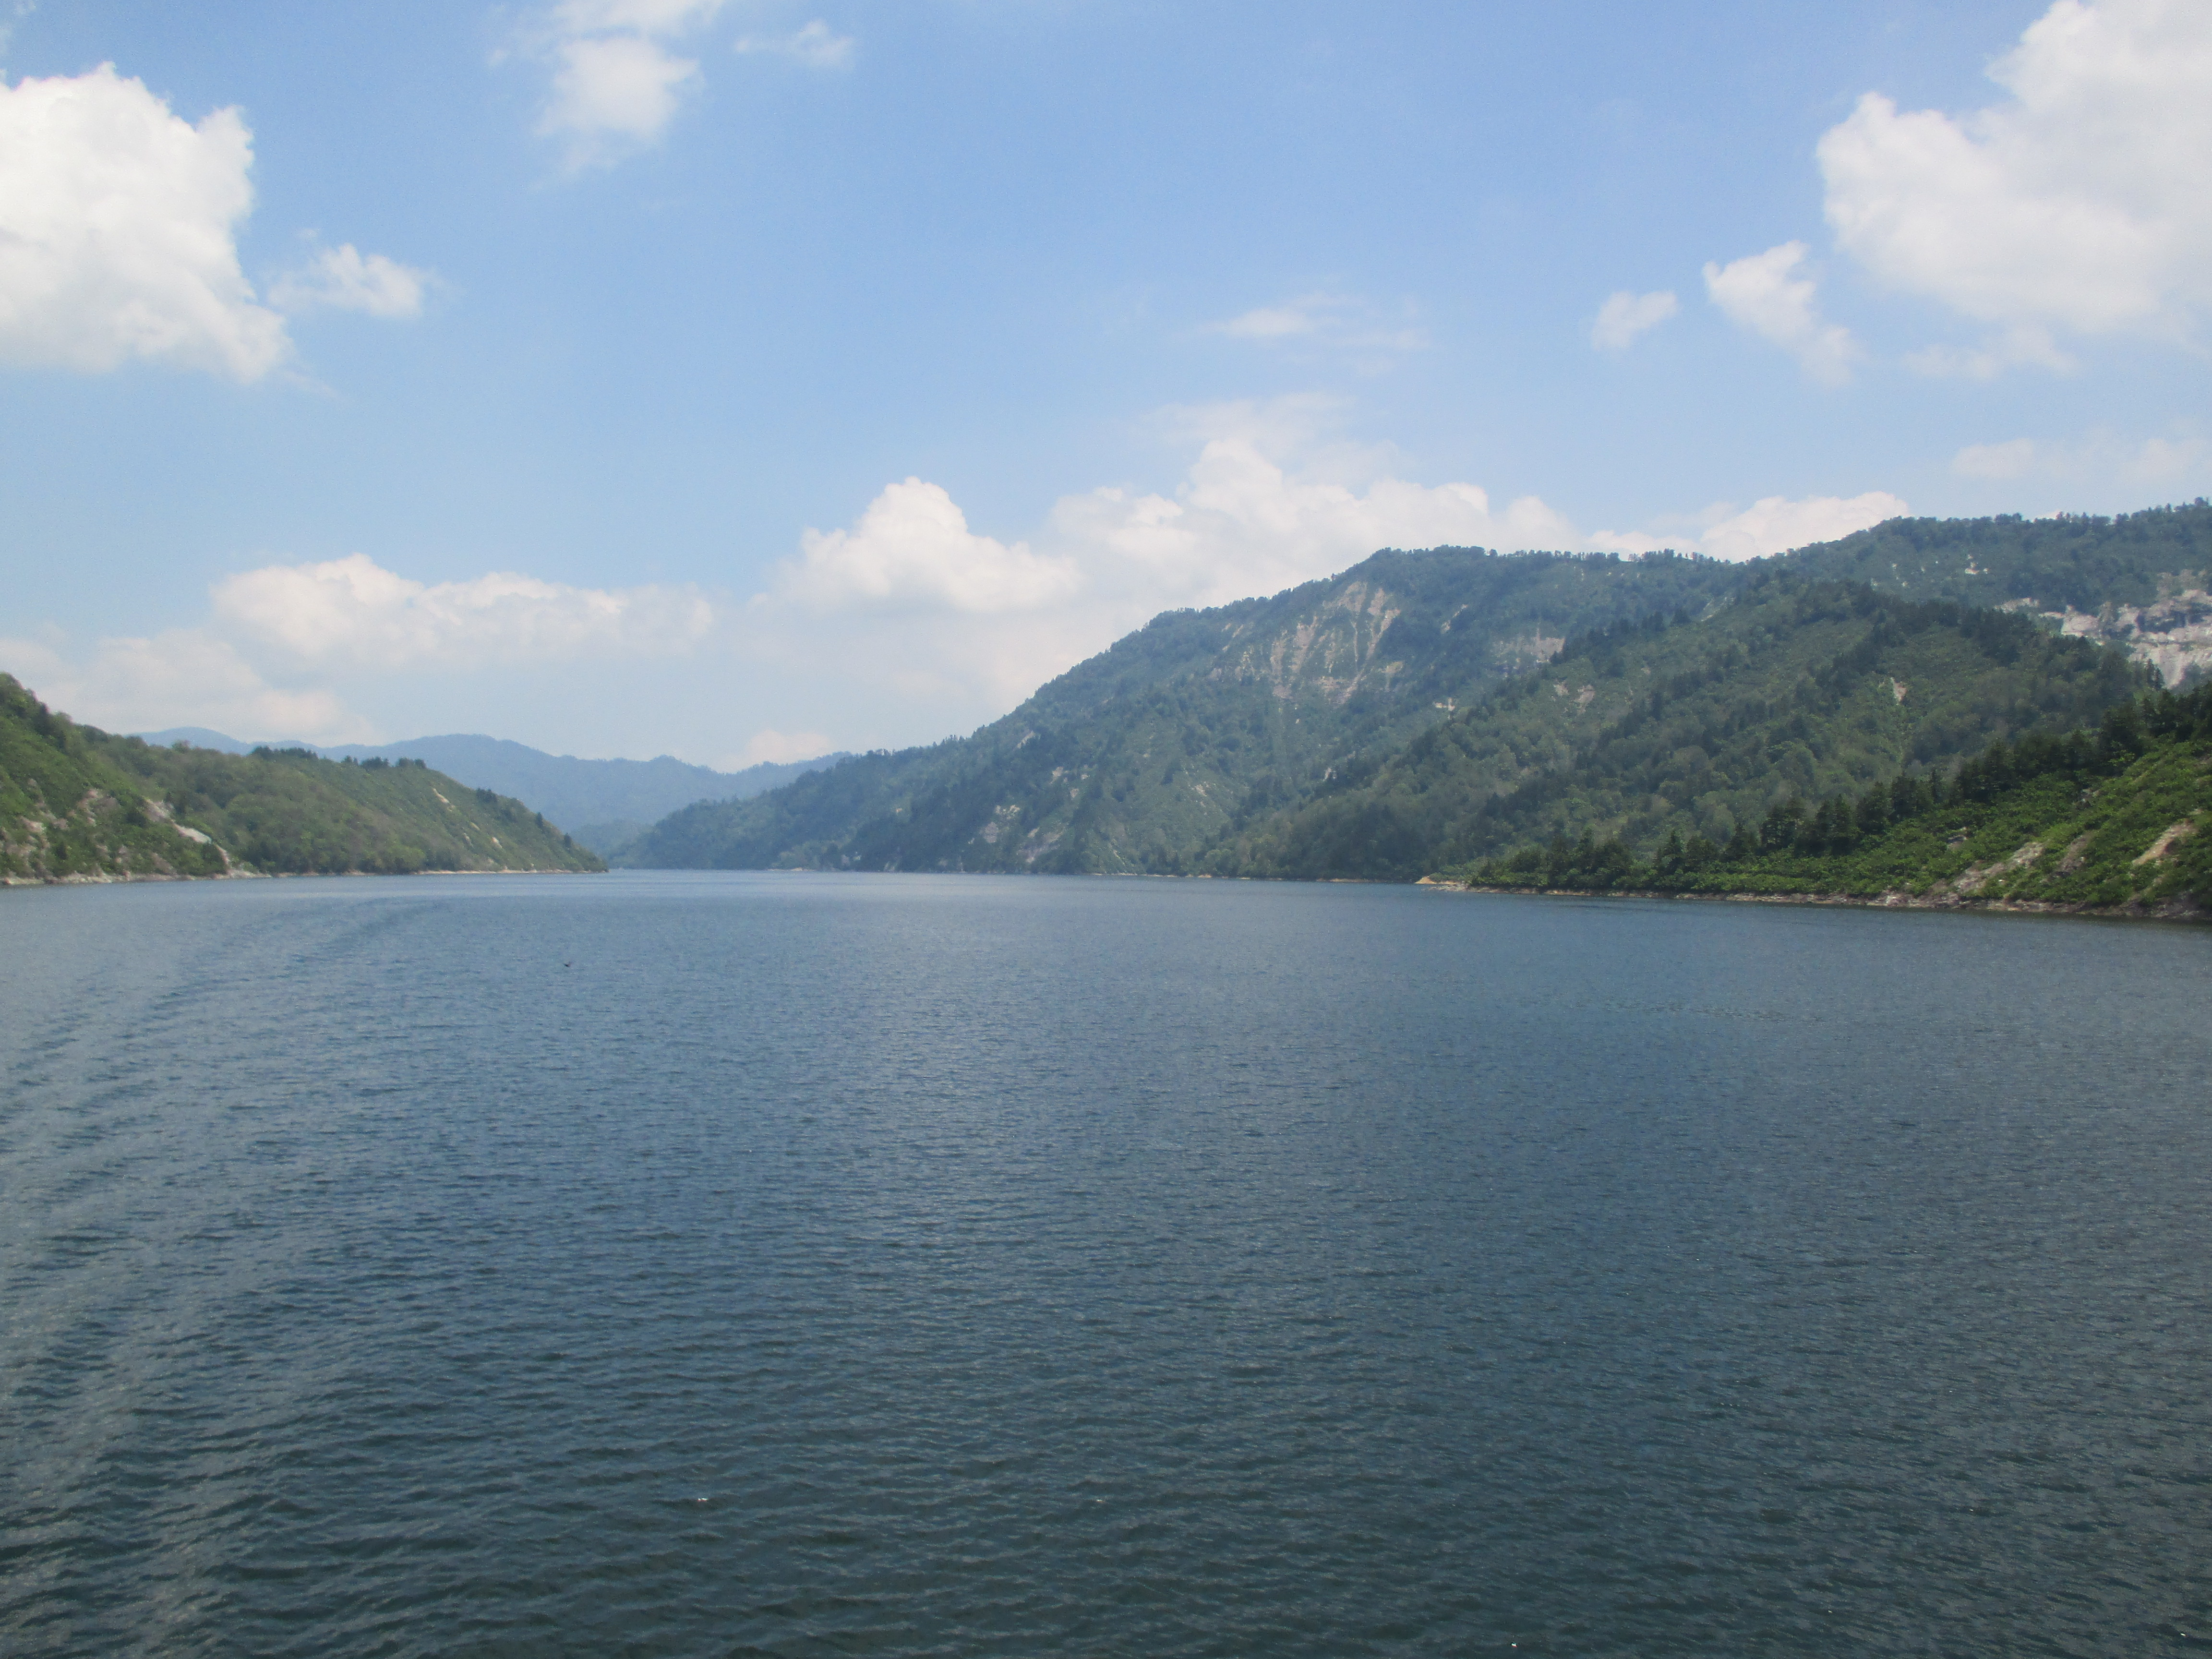 遊覧船で絶景を堪能。福島県と新潟県にまたがる奥只見湖のみどころ・アクセス。